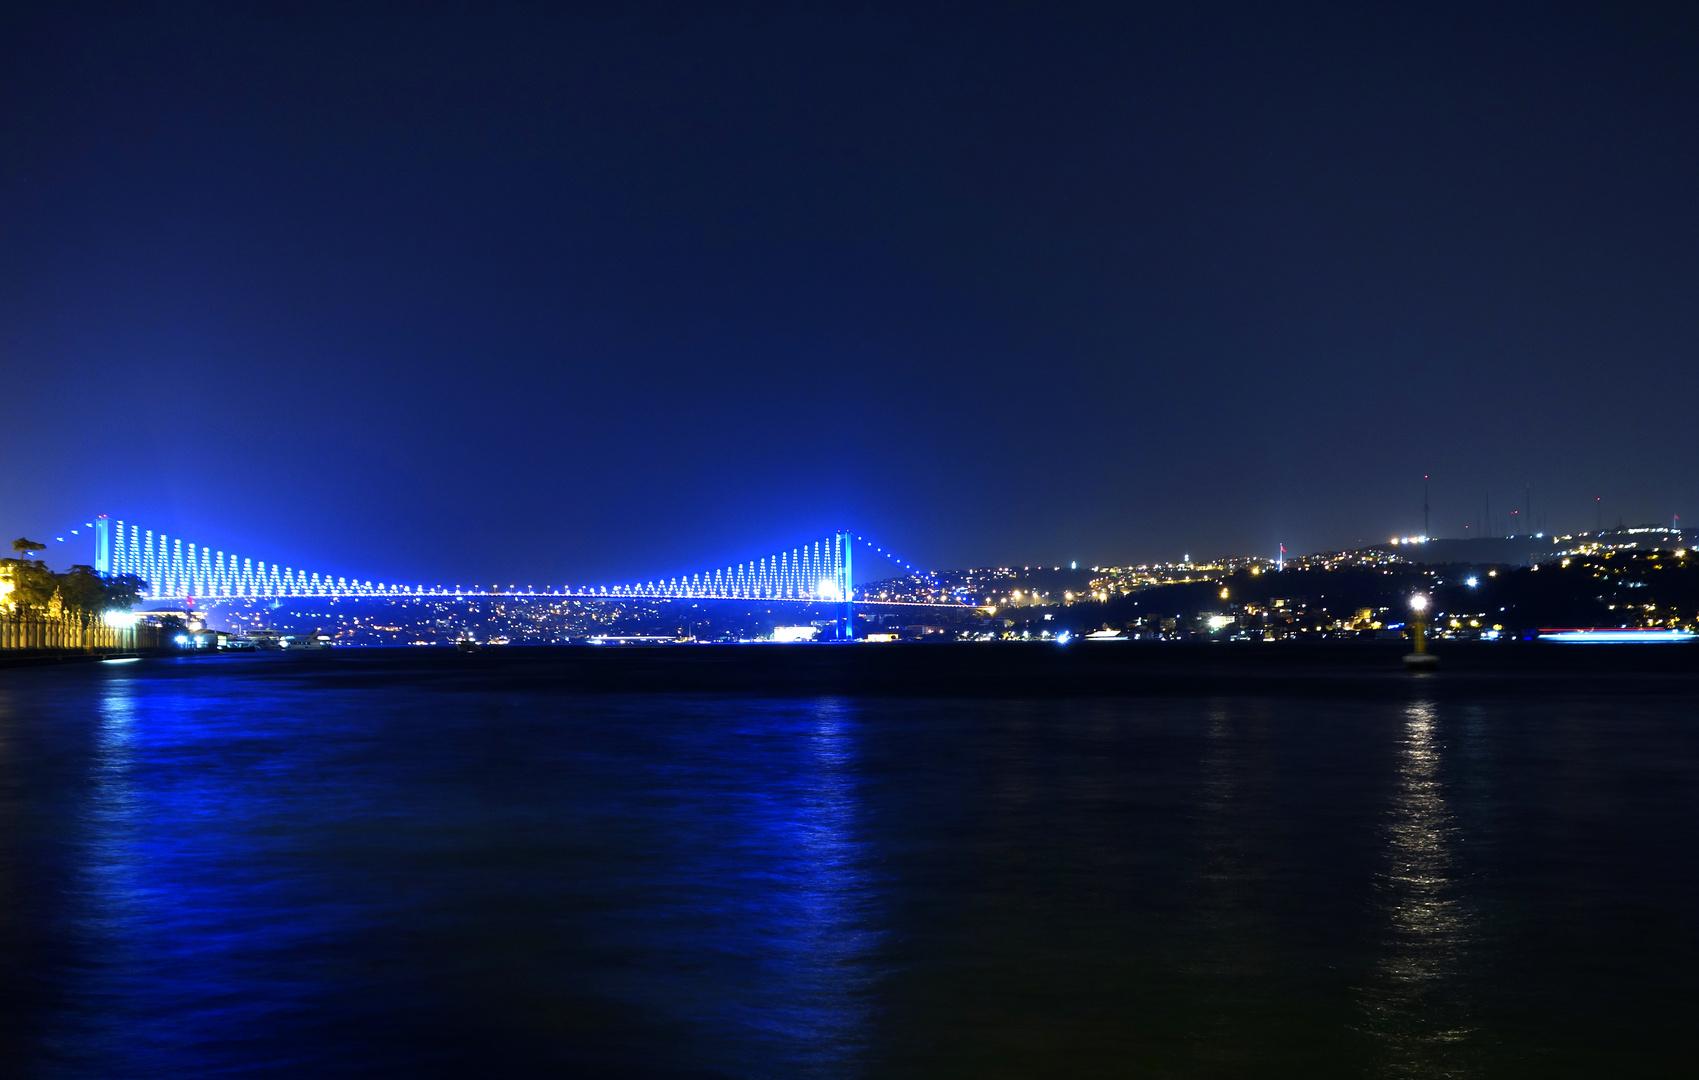 Die blaue Brücke am Bosporus